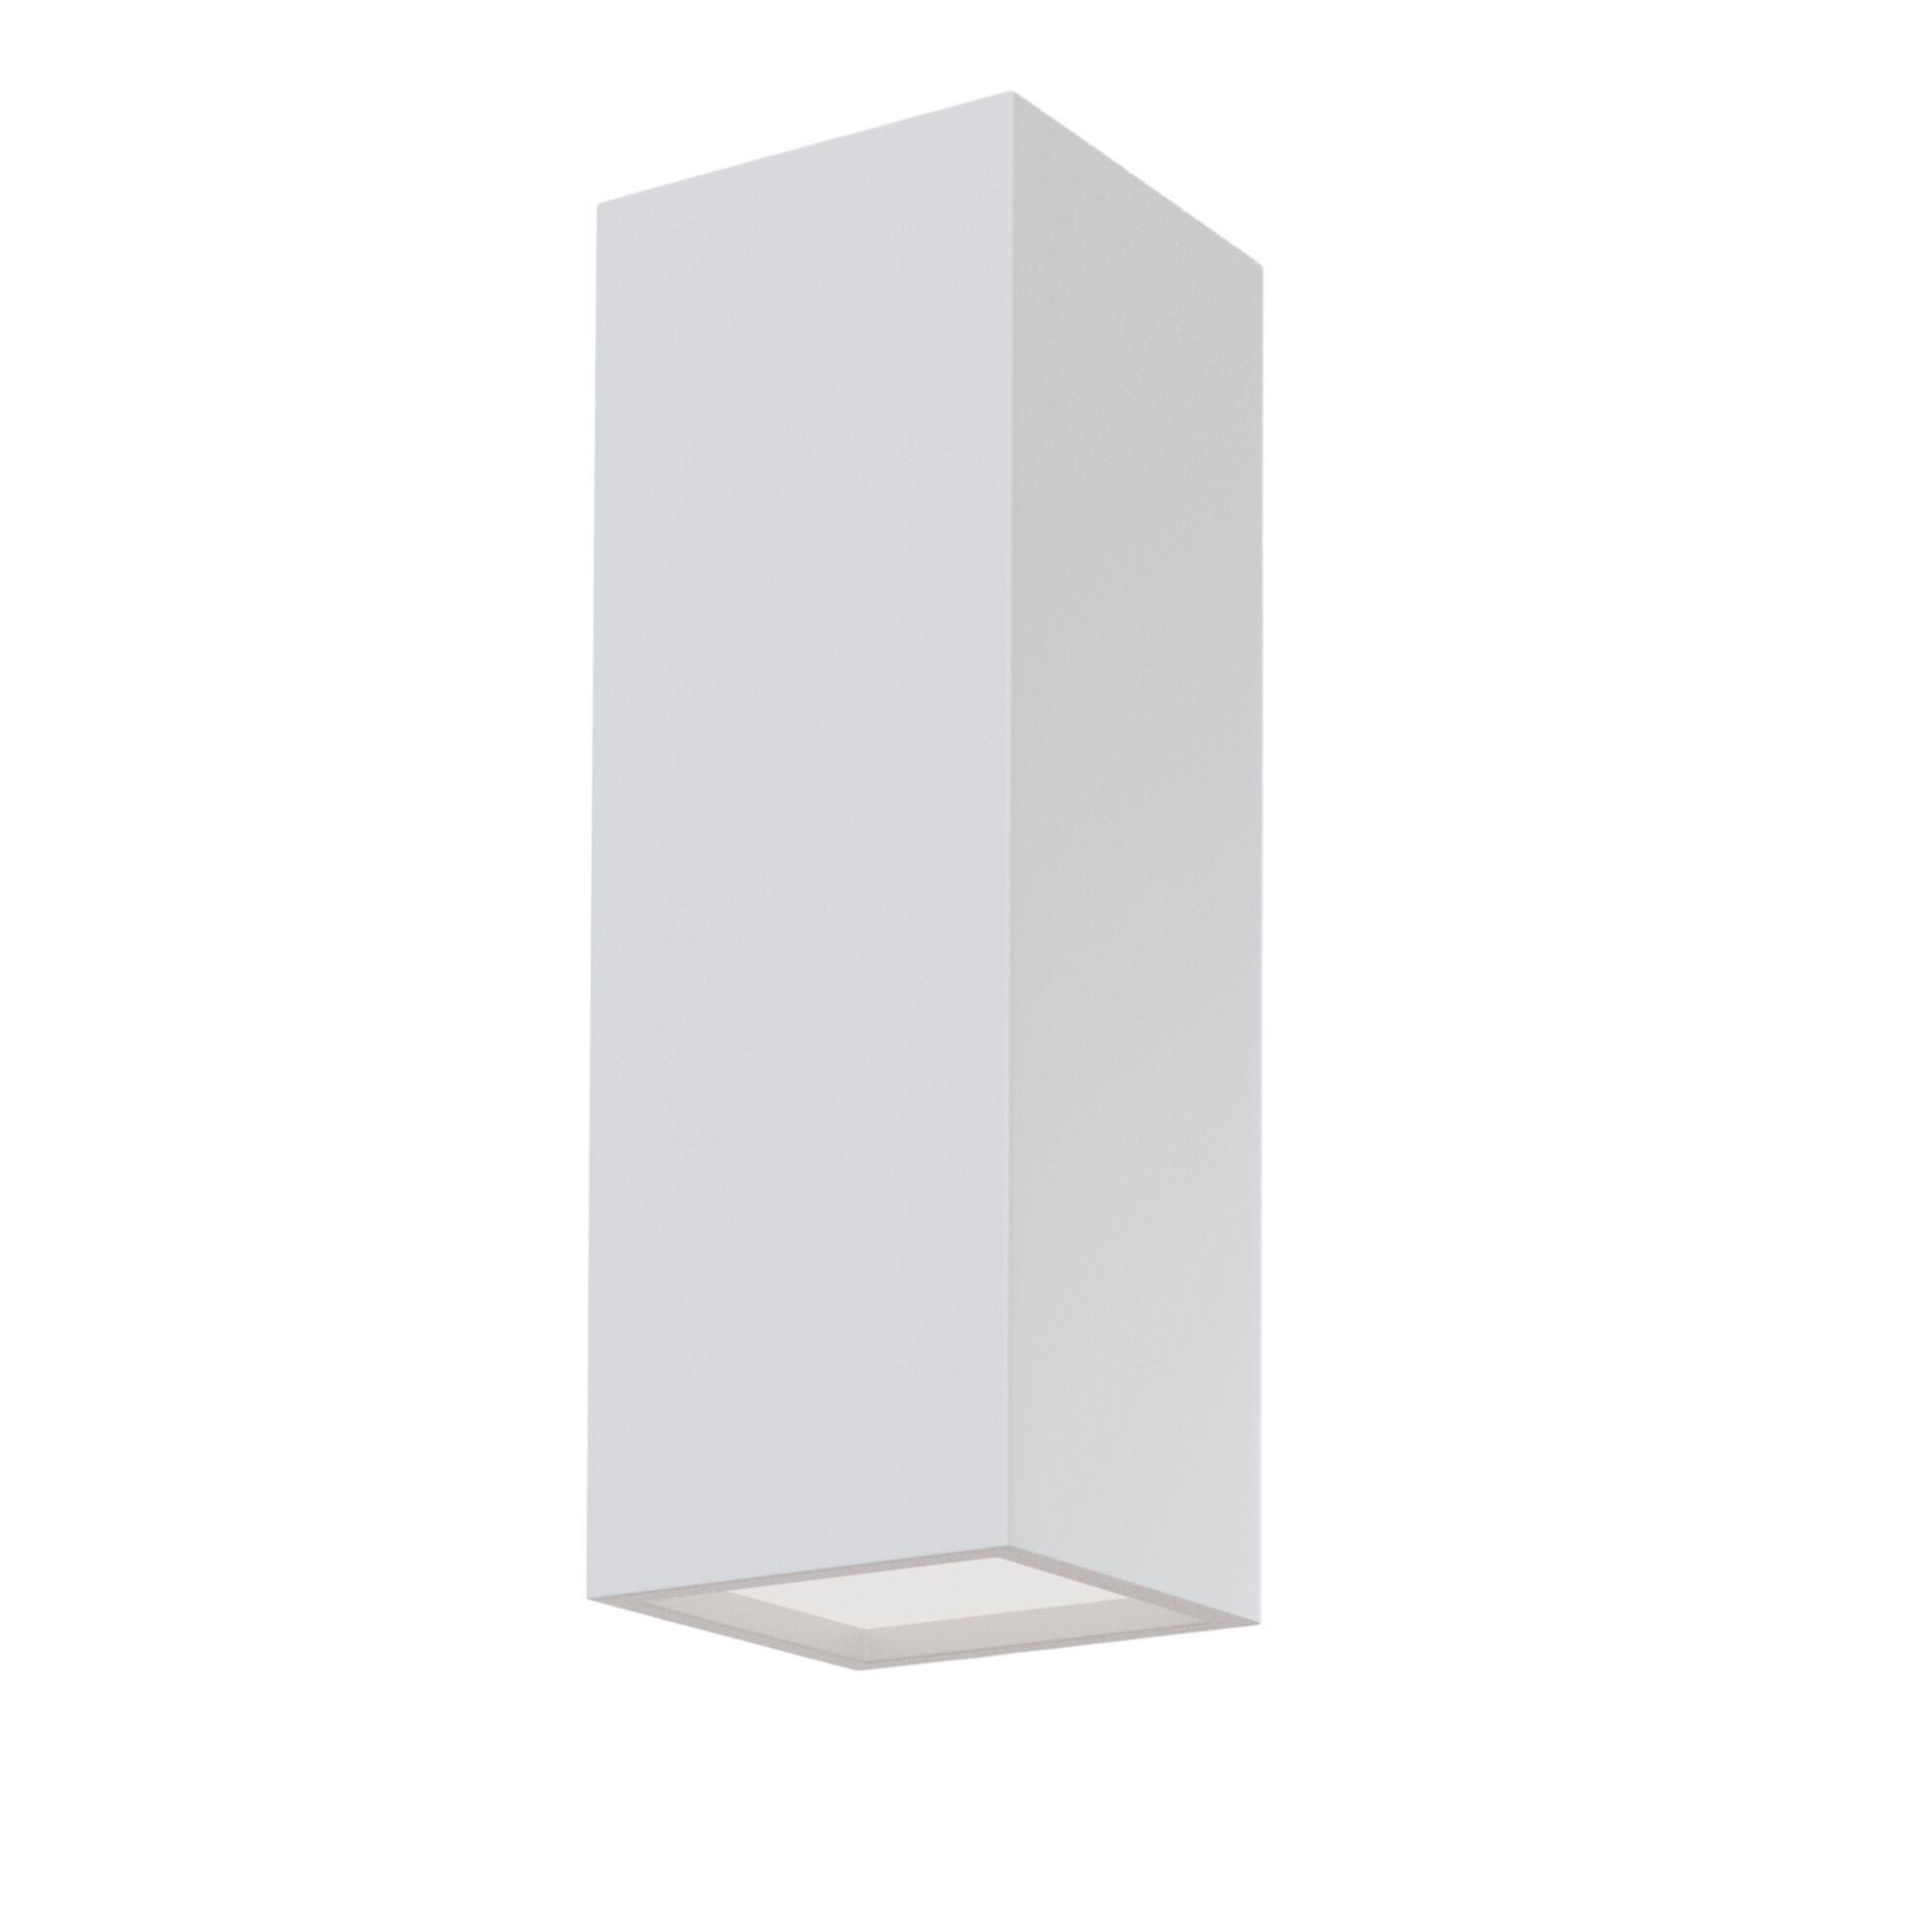 Настенный светильник Maytoni Parma C190-WL-02-W, 2xG9x5W, белый, под покраску, гипс - фото 1